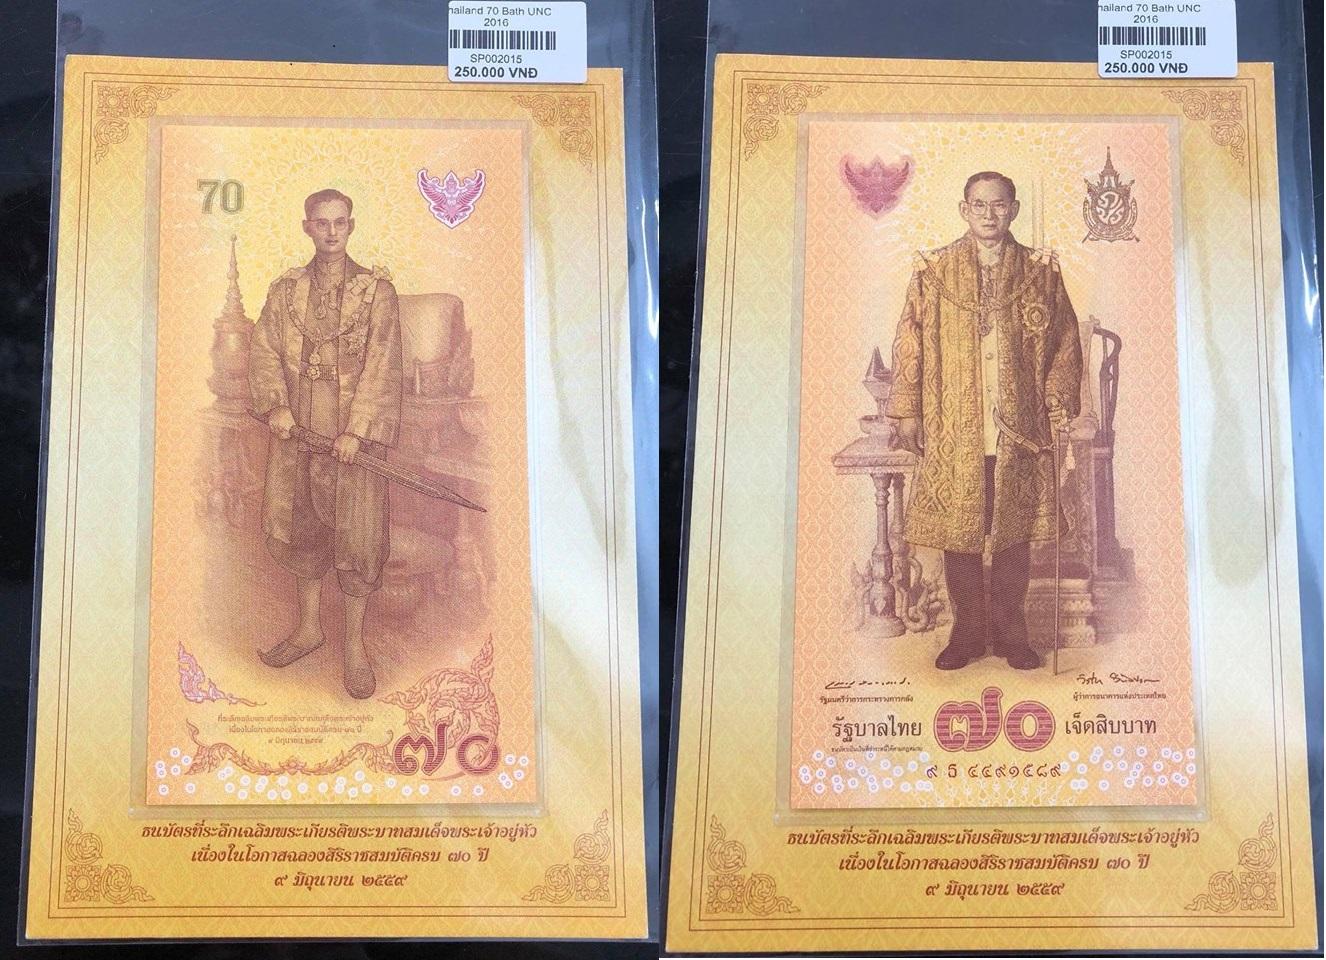 Tiền kỷ niệm 70 ngày mất của Đức Vua Bhumibol Adulyadej.